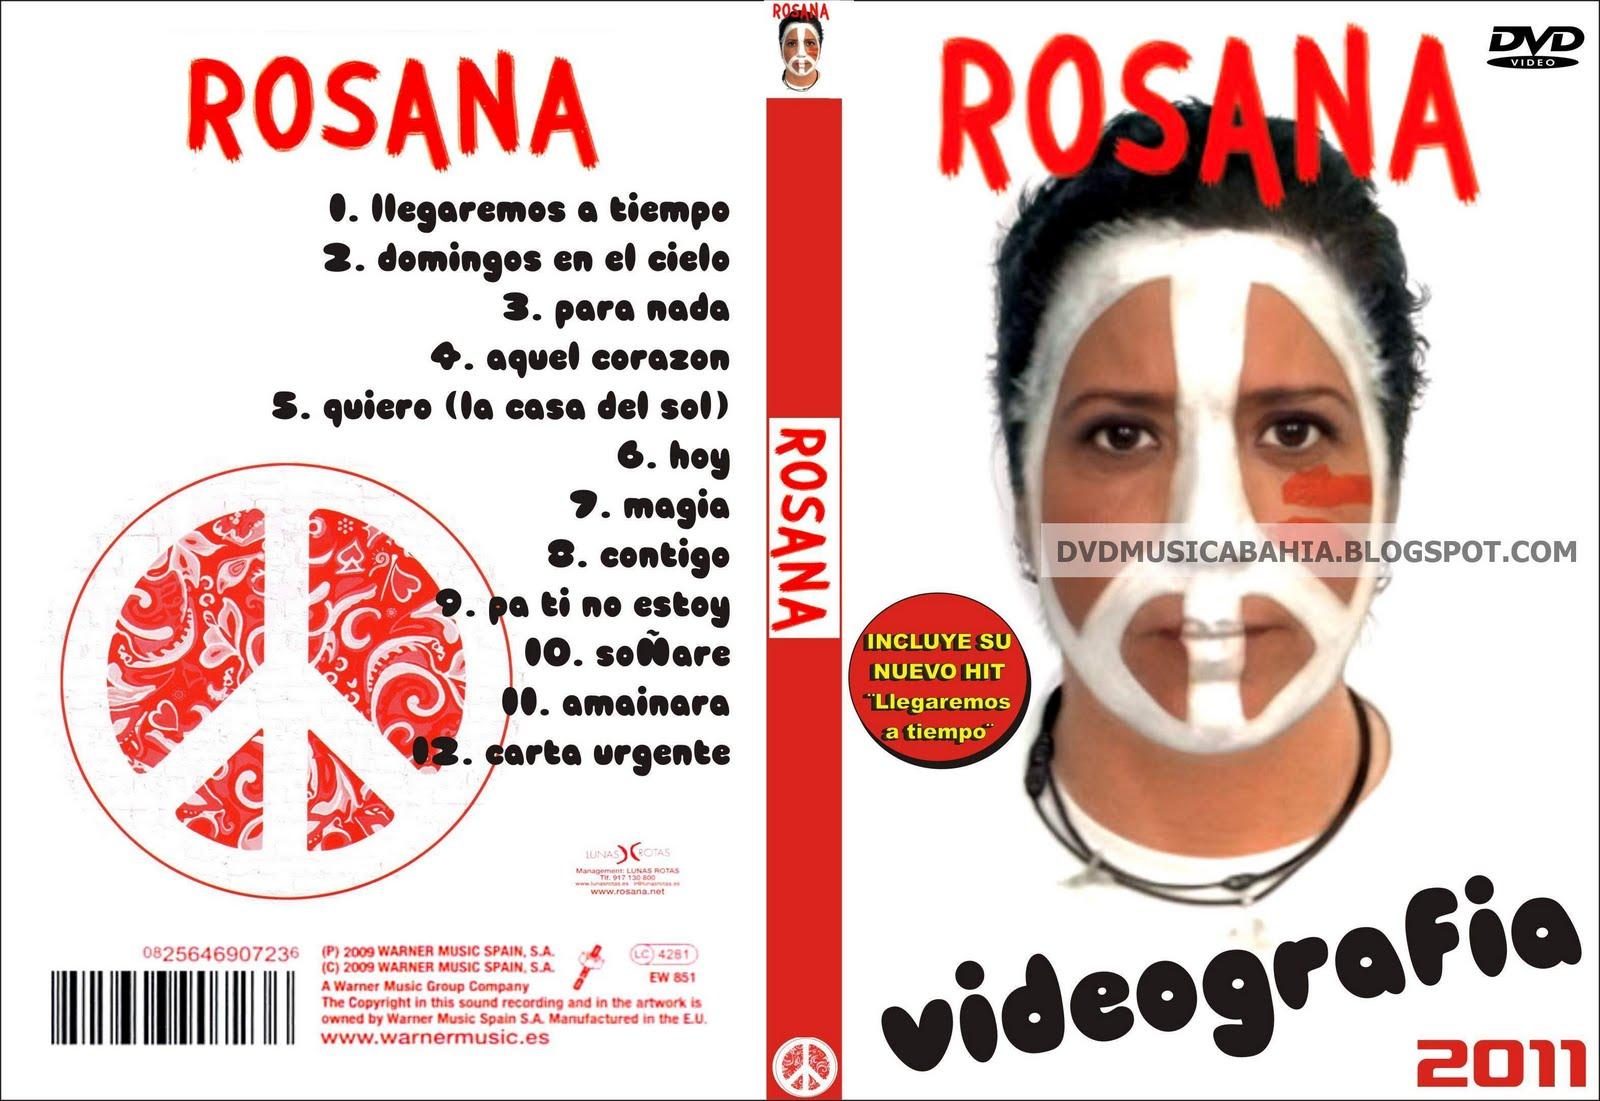 http://3.bp.blogspot.com/-1MwOqUf43nM/TksW3KyPspI/AAAAAAAABu0/E4aynyMxnP4/s1600/Rosana+-+Videografia+2011HQ.jpg